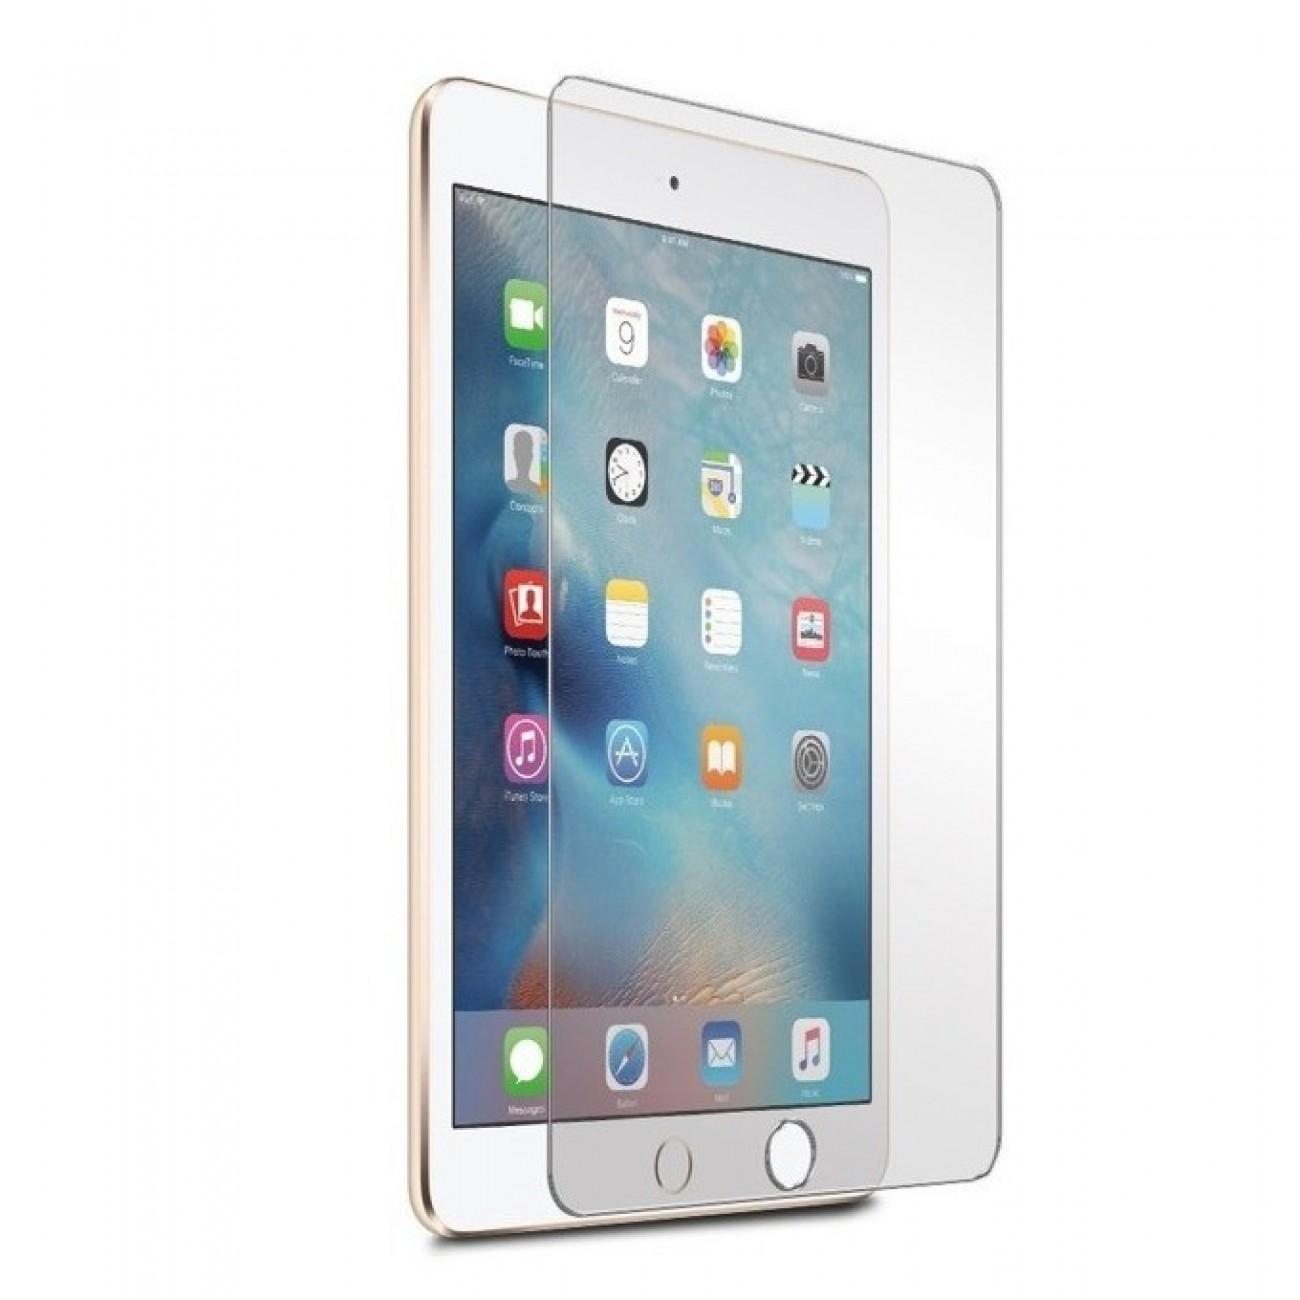 Протектор от закалено стъкло /Tempered Glass/ Comma, iPad mini 4 в Защитно фолио - Comma | Alleop